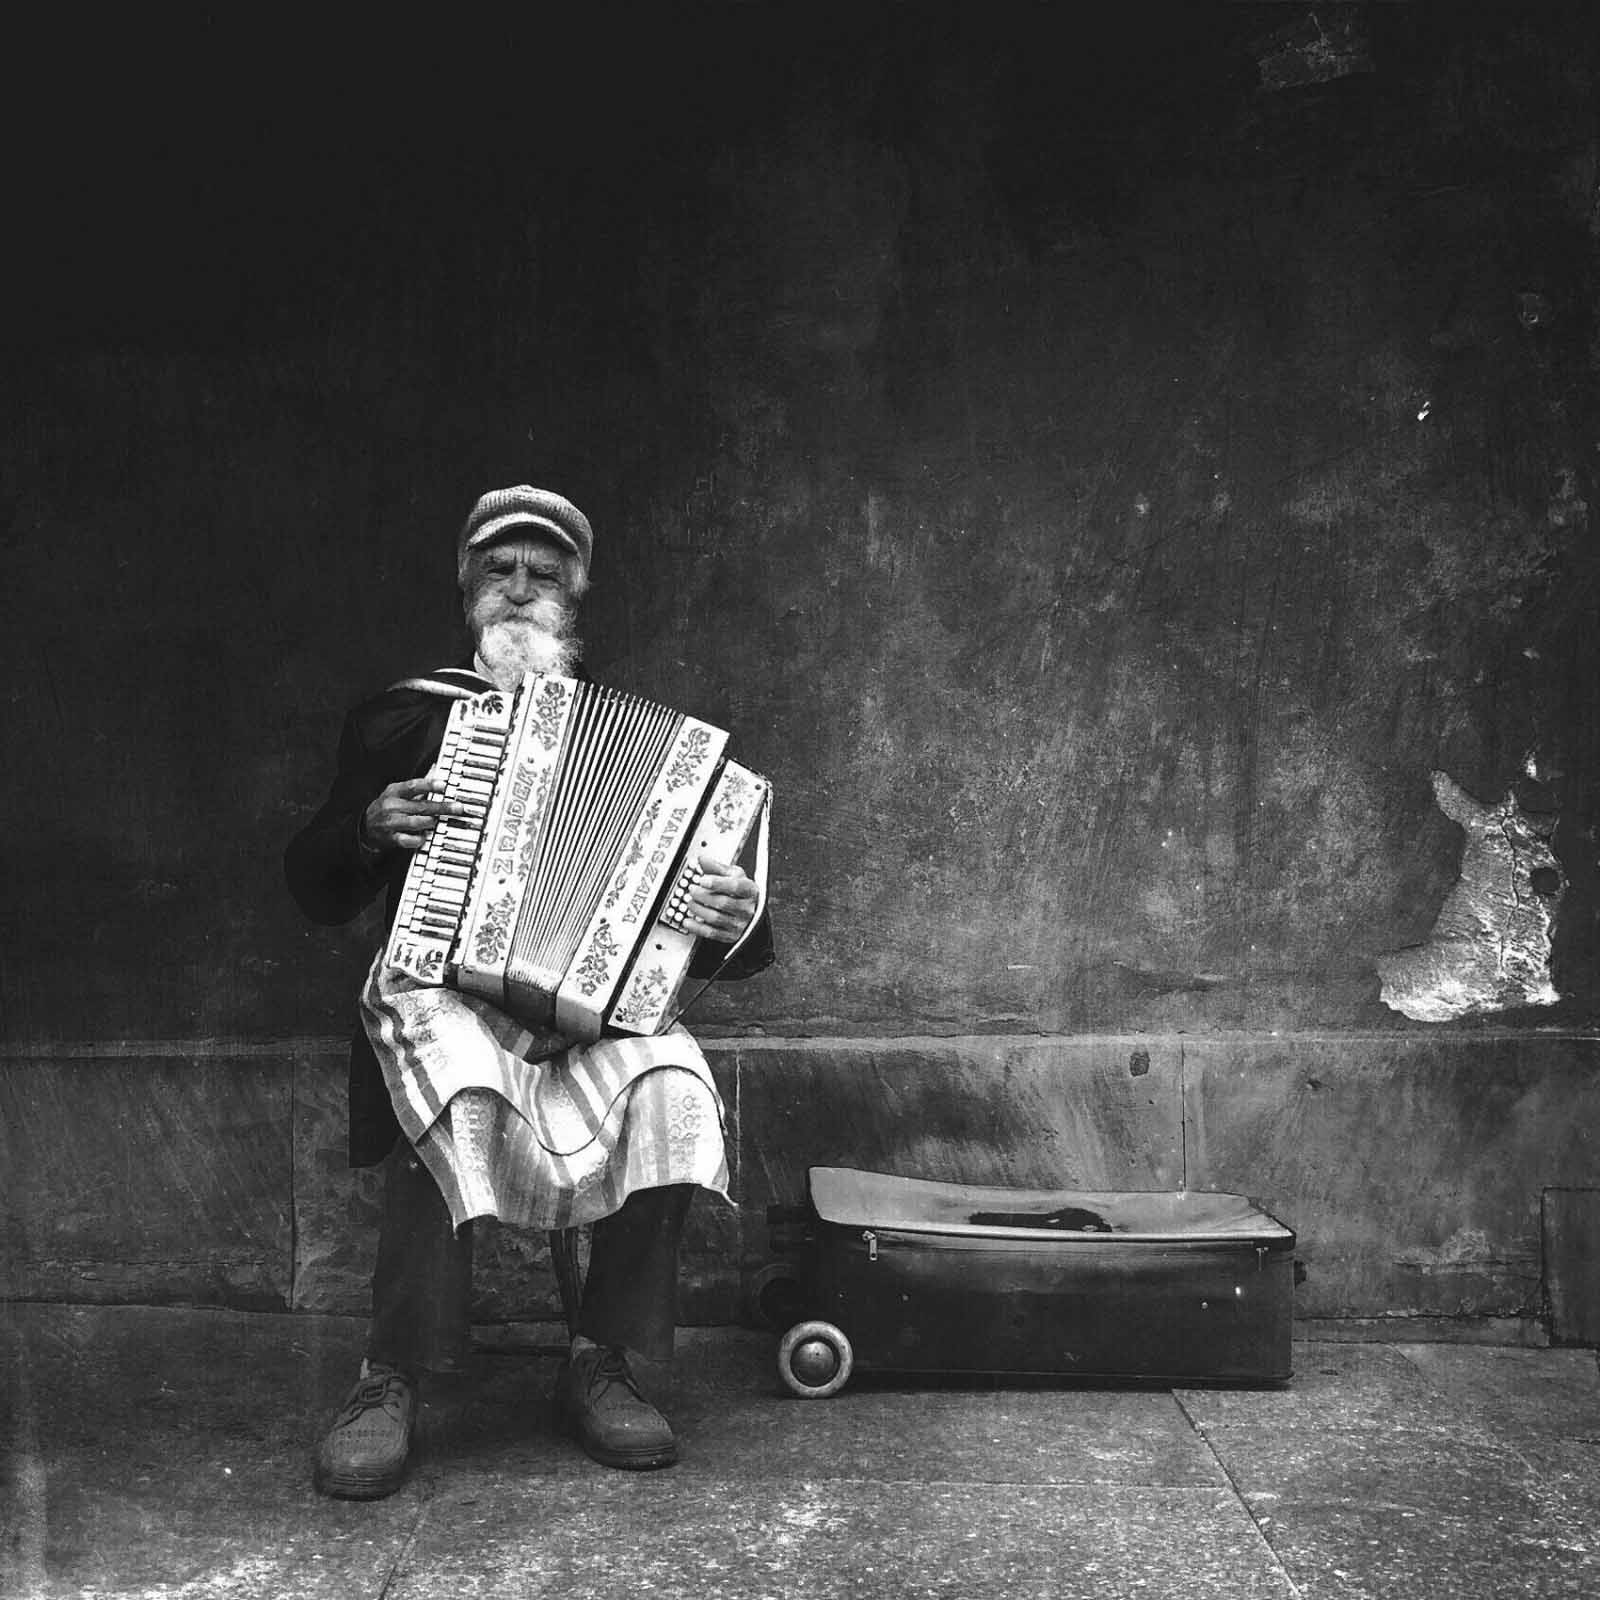 冠軍 攝影師 - Michal Koralewski